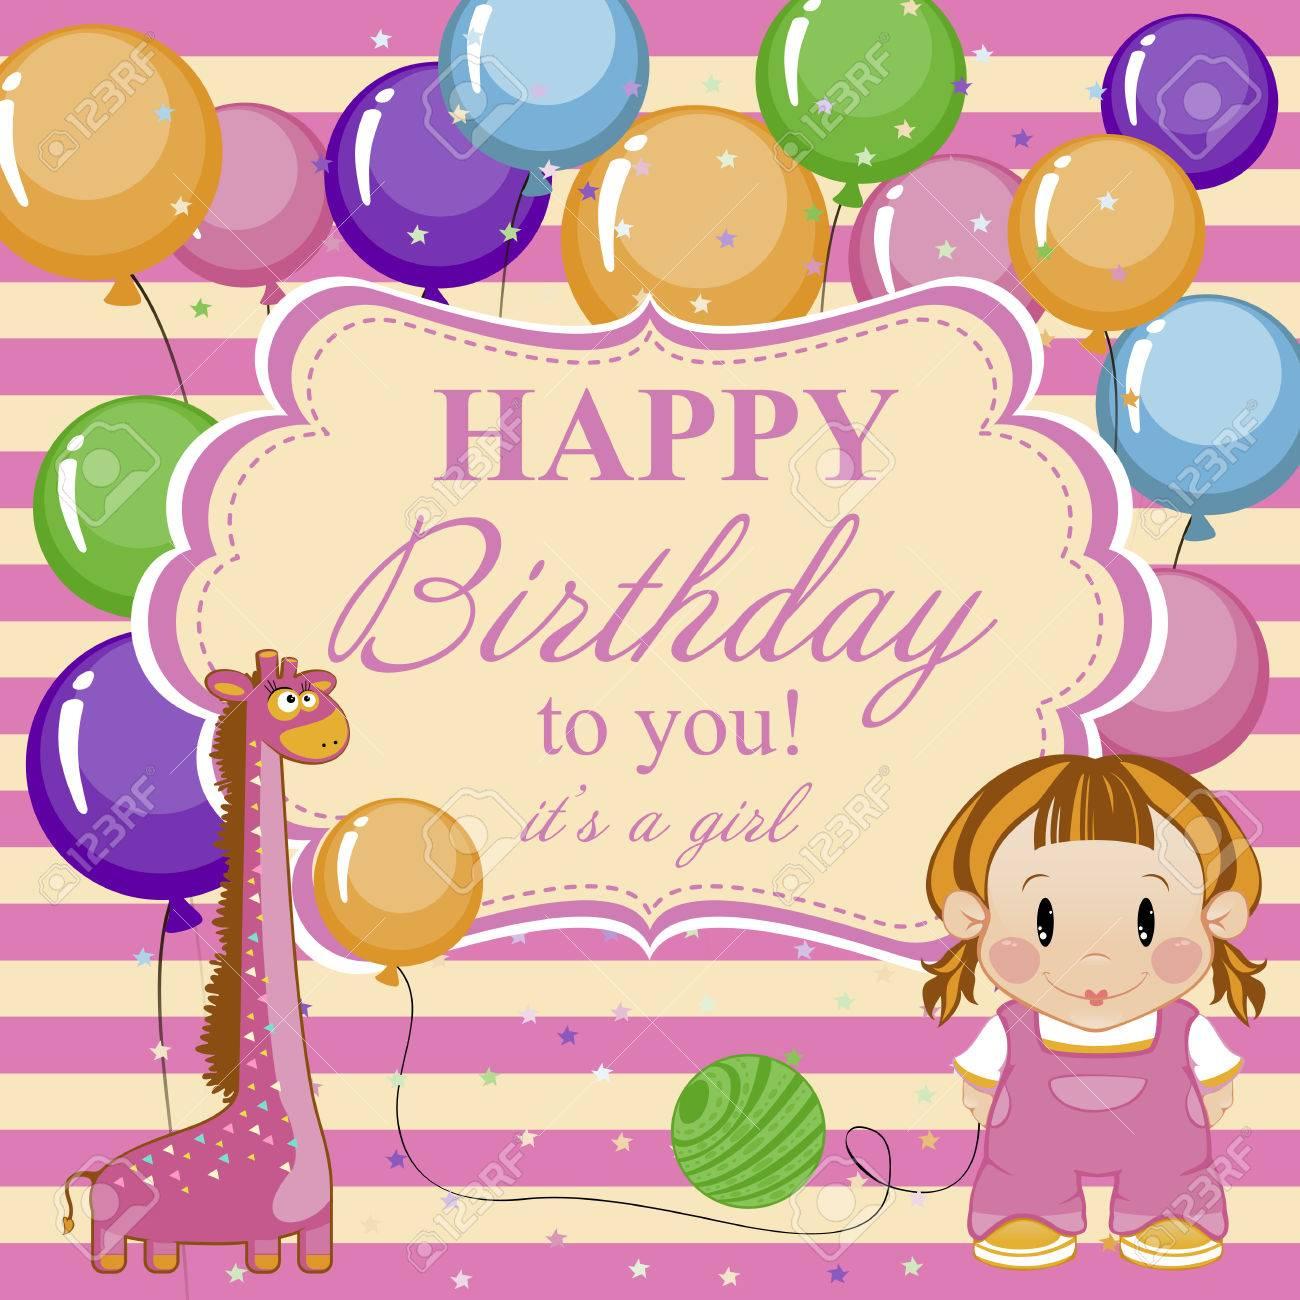 Kleines Lustiges Mädchen Mit Spielzeug Und Luftballons Grußkarte